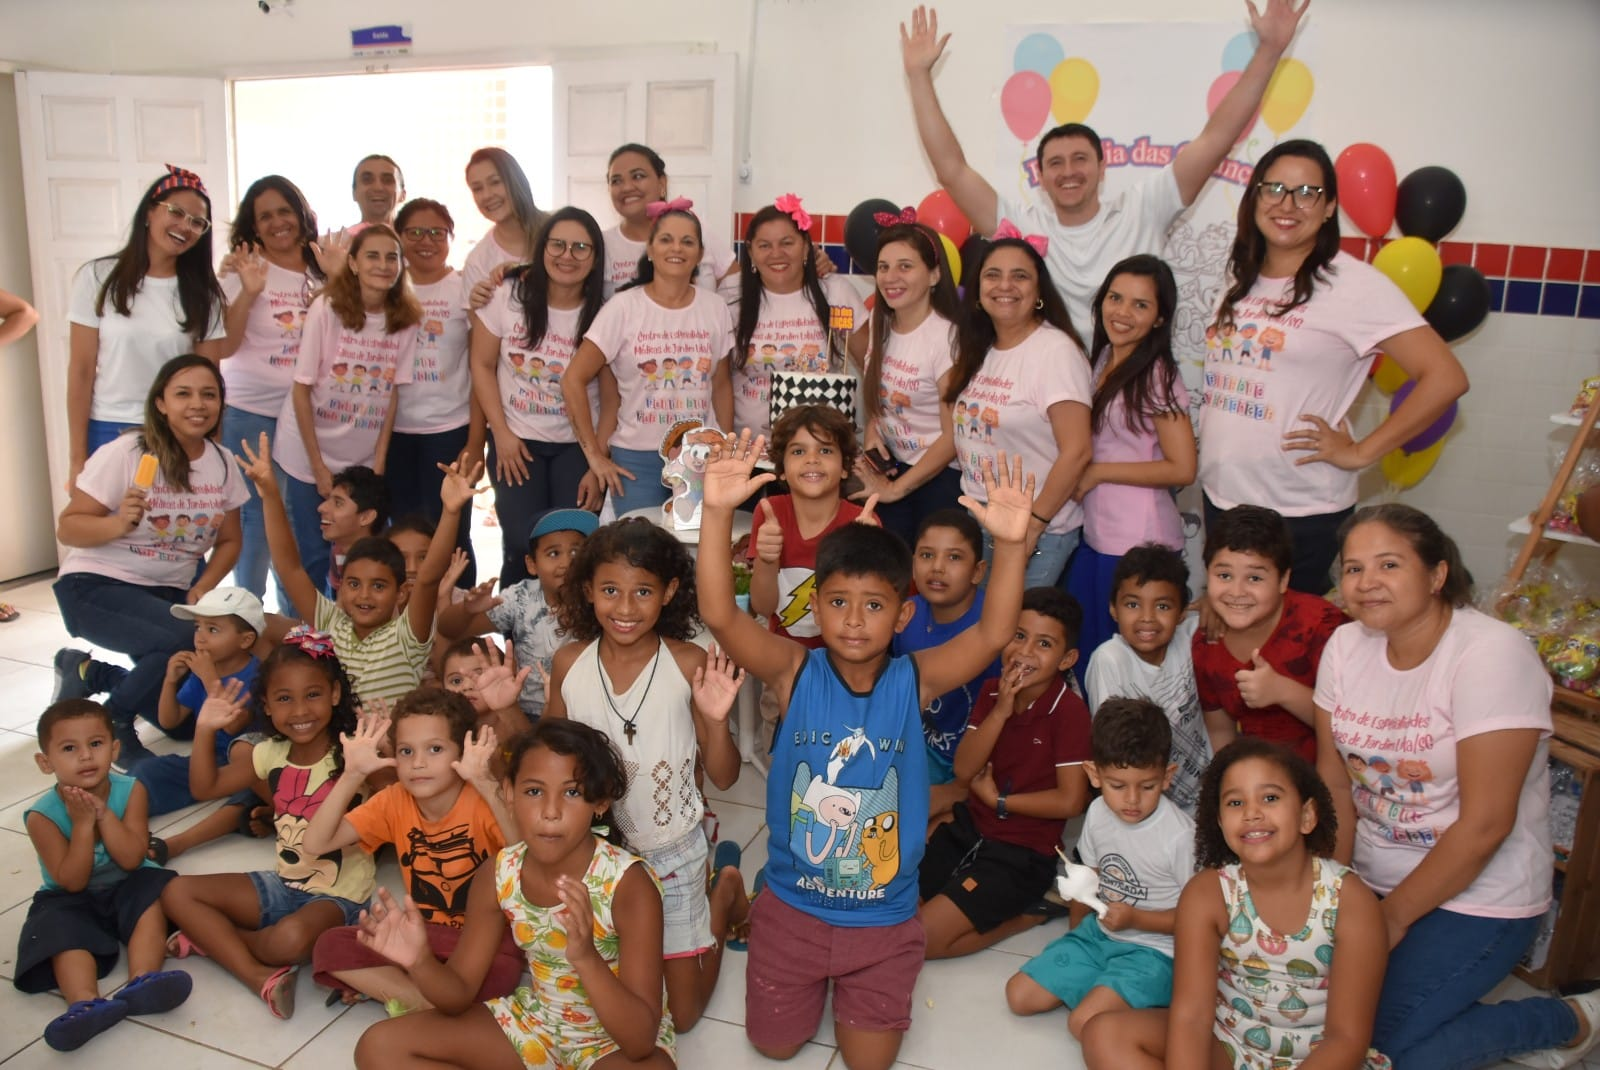 Saúde: Jardim Lola recebe ação em alusão ao Dia das Crianças